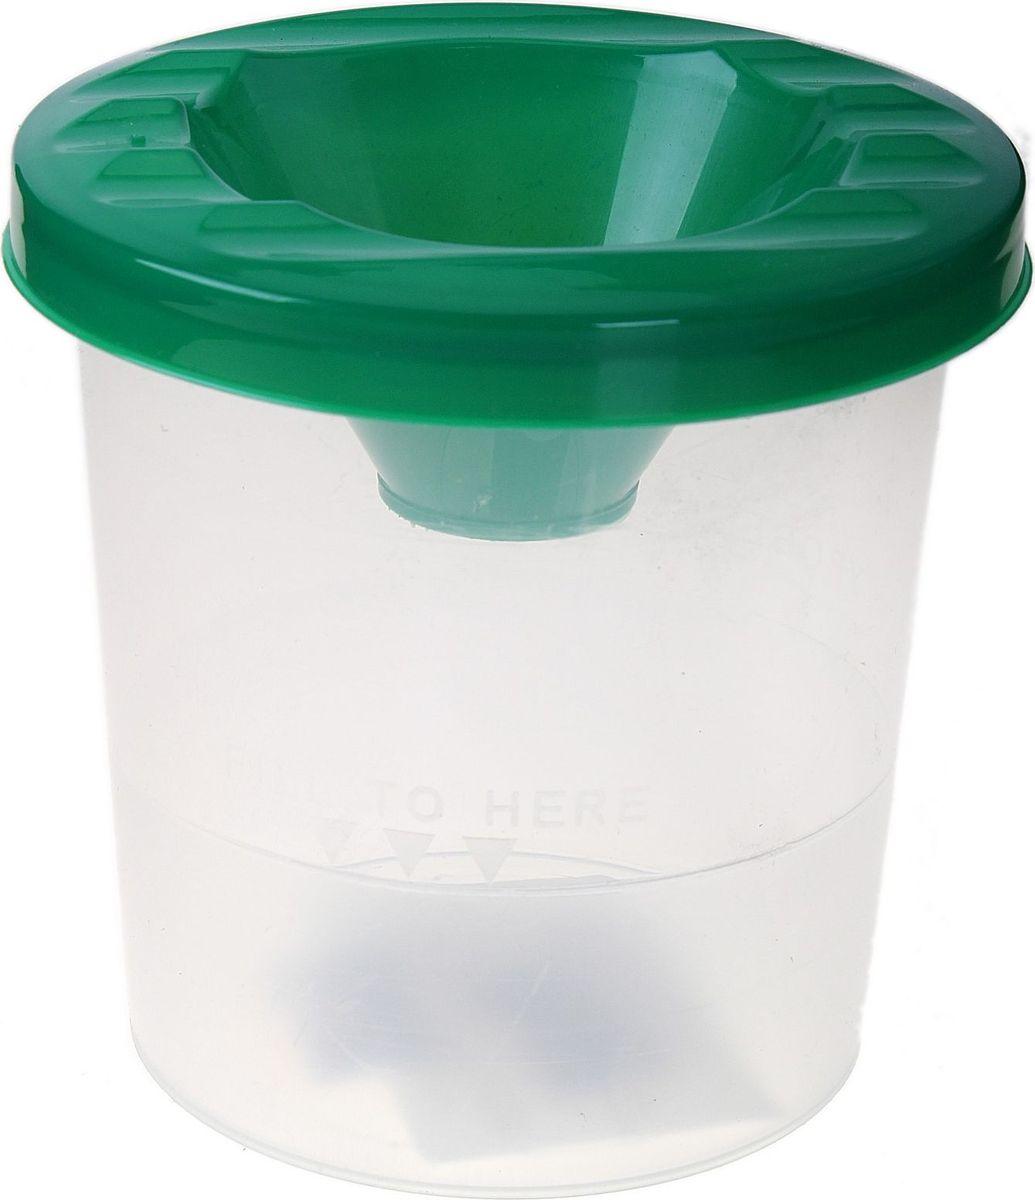 Стамм Стакан-непроливайка цвет зеленый 210 мл луч стакан непроливайка для рисования цвет оранжевый